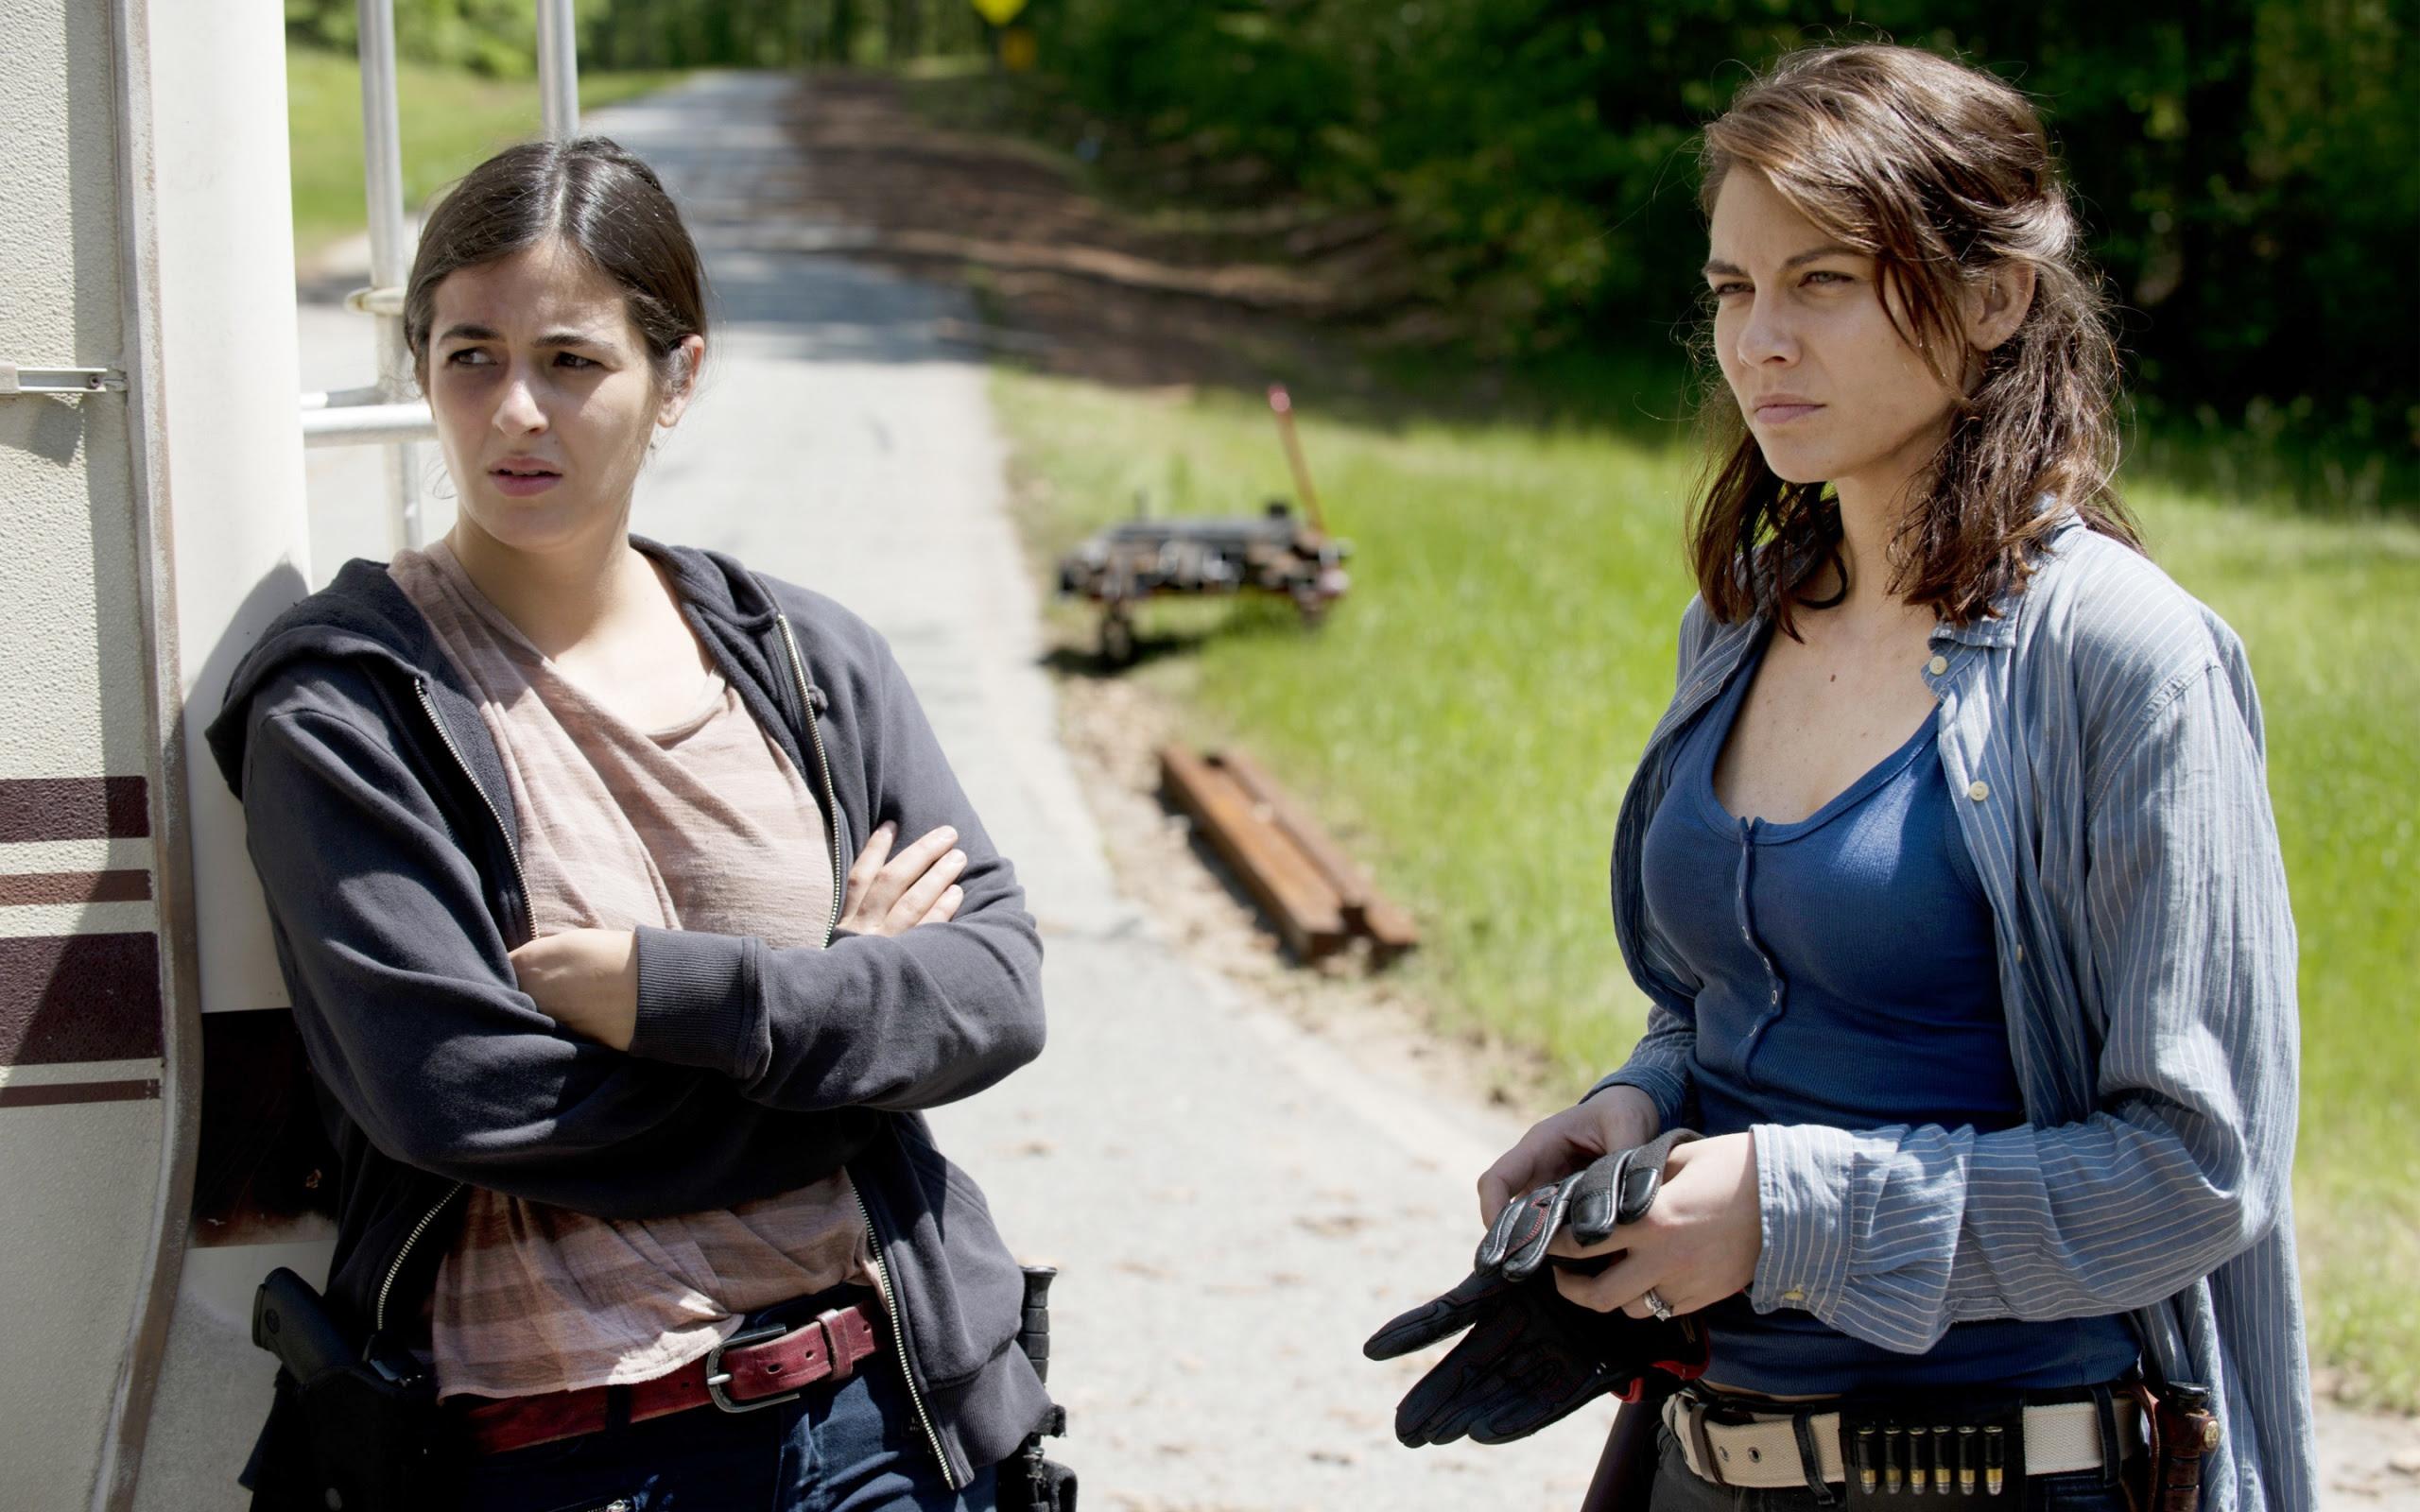 Tara Chambler Maggie Walking Dead Season 6 Wallpapers In Jpg